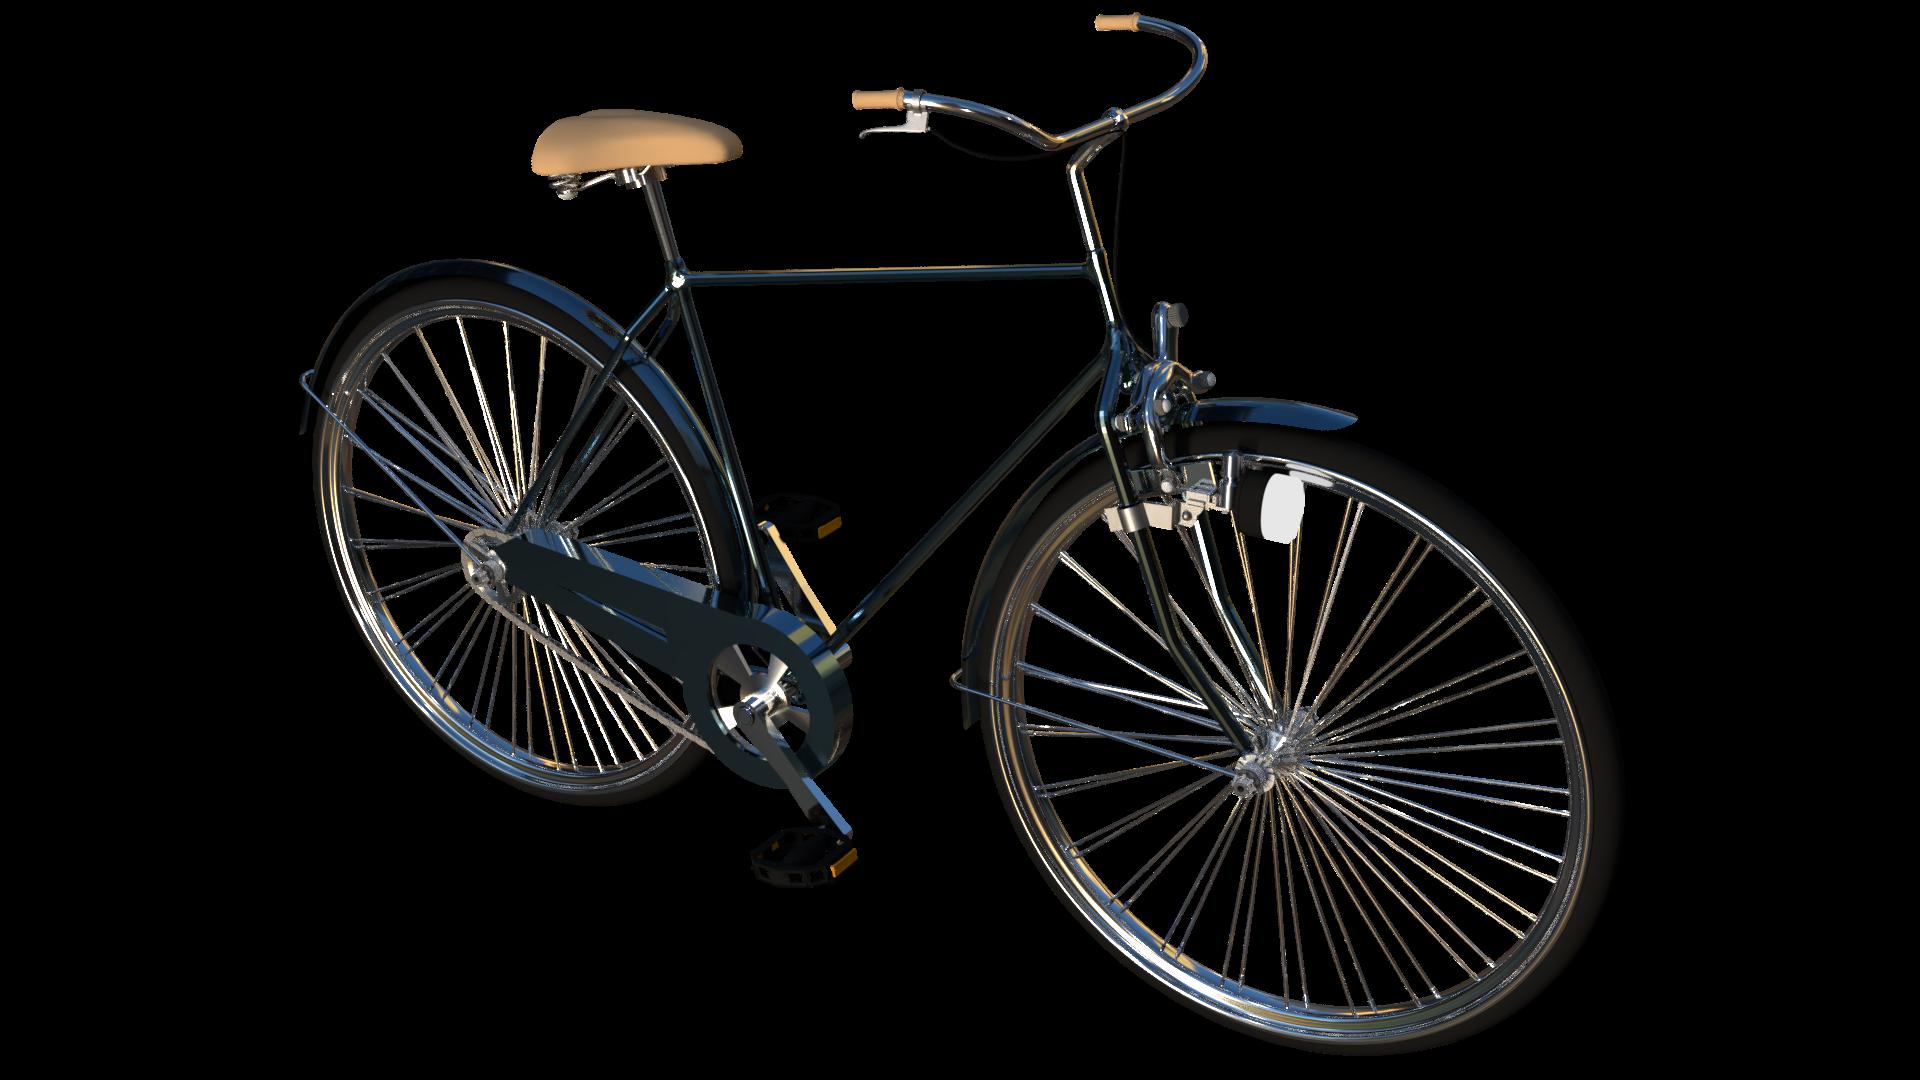 blender モデリング 自転車を作成